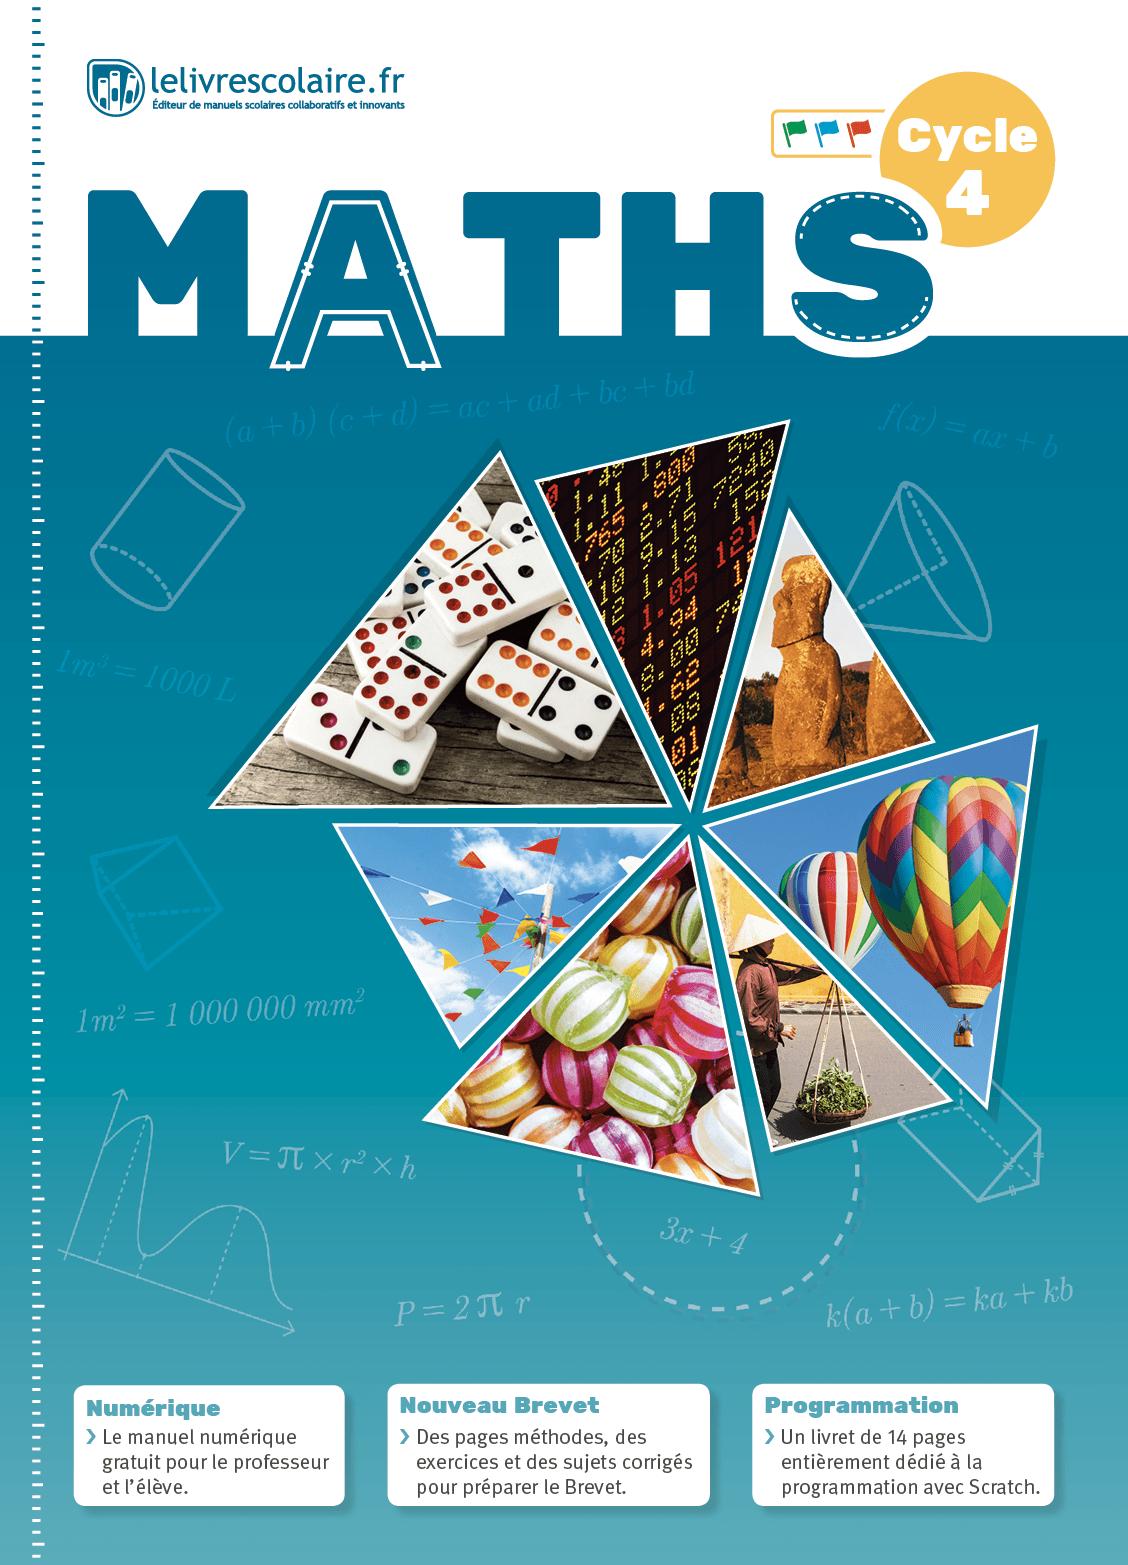 Communauté du manuel Mathématiques Cycle 4 2016